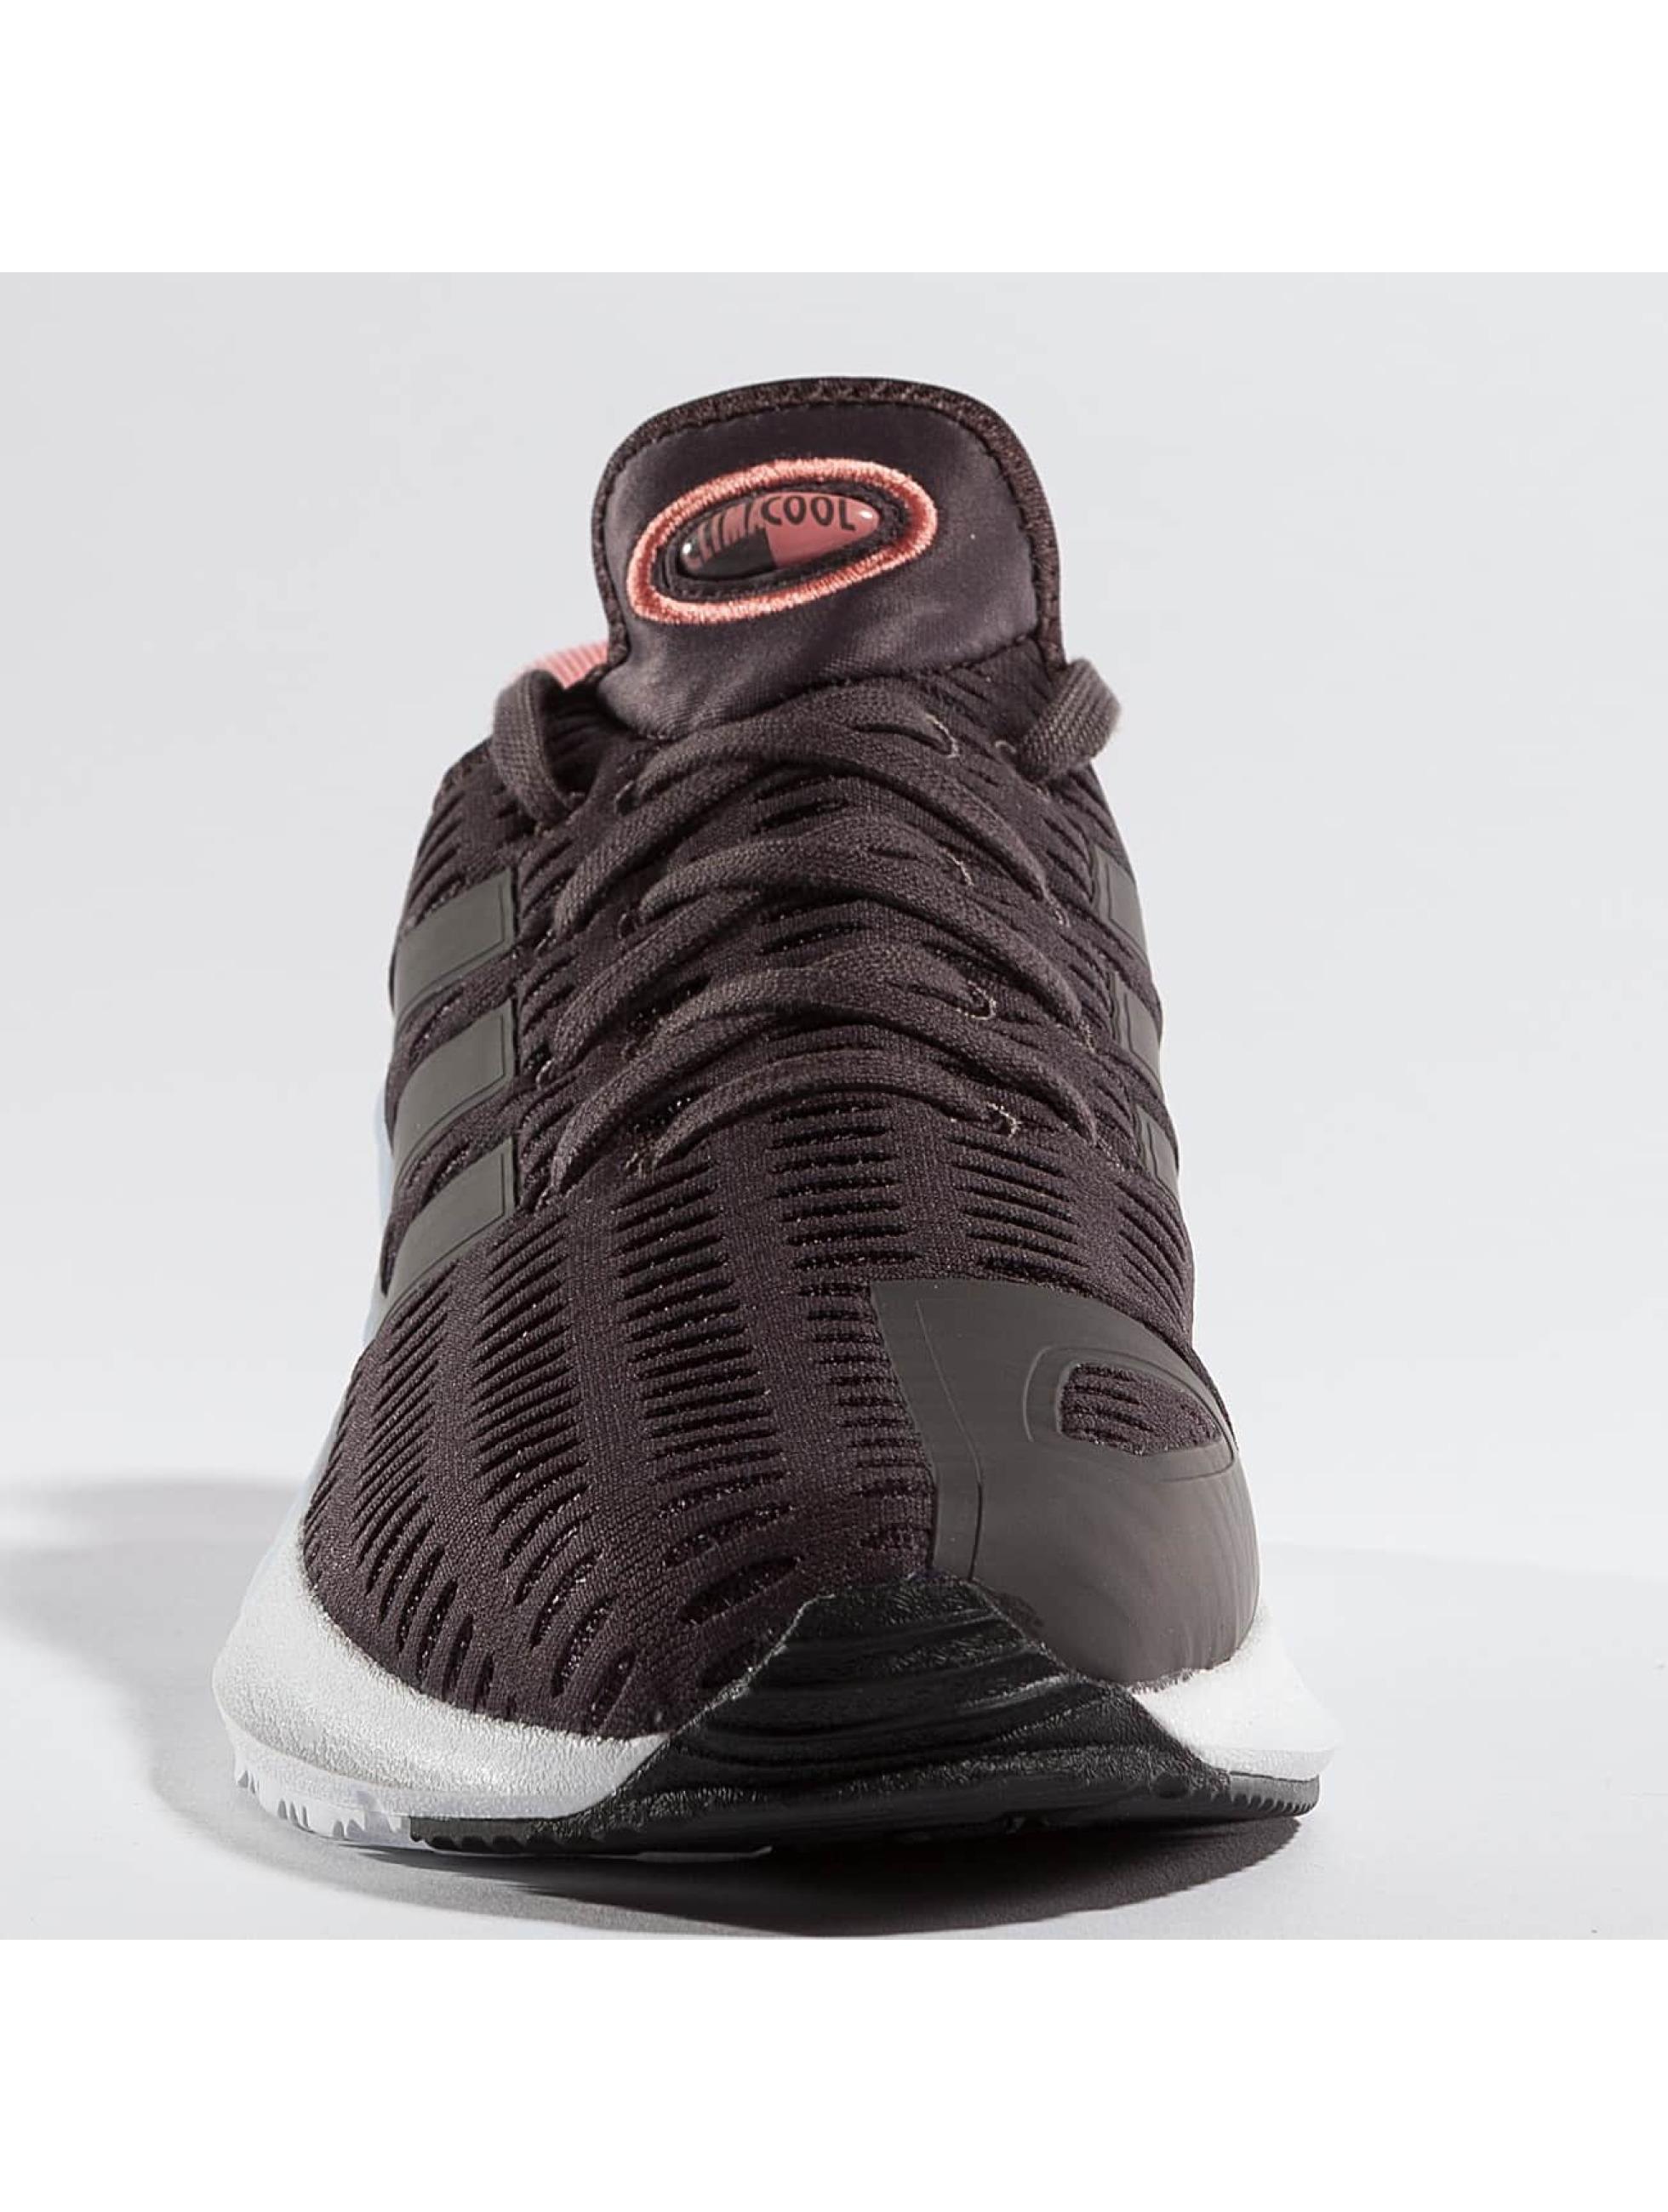 b61bfcf8c38cca adidas originals Damen Sneaker Climacool 02 17 in grau 359769